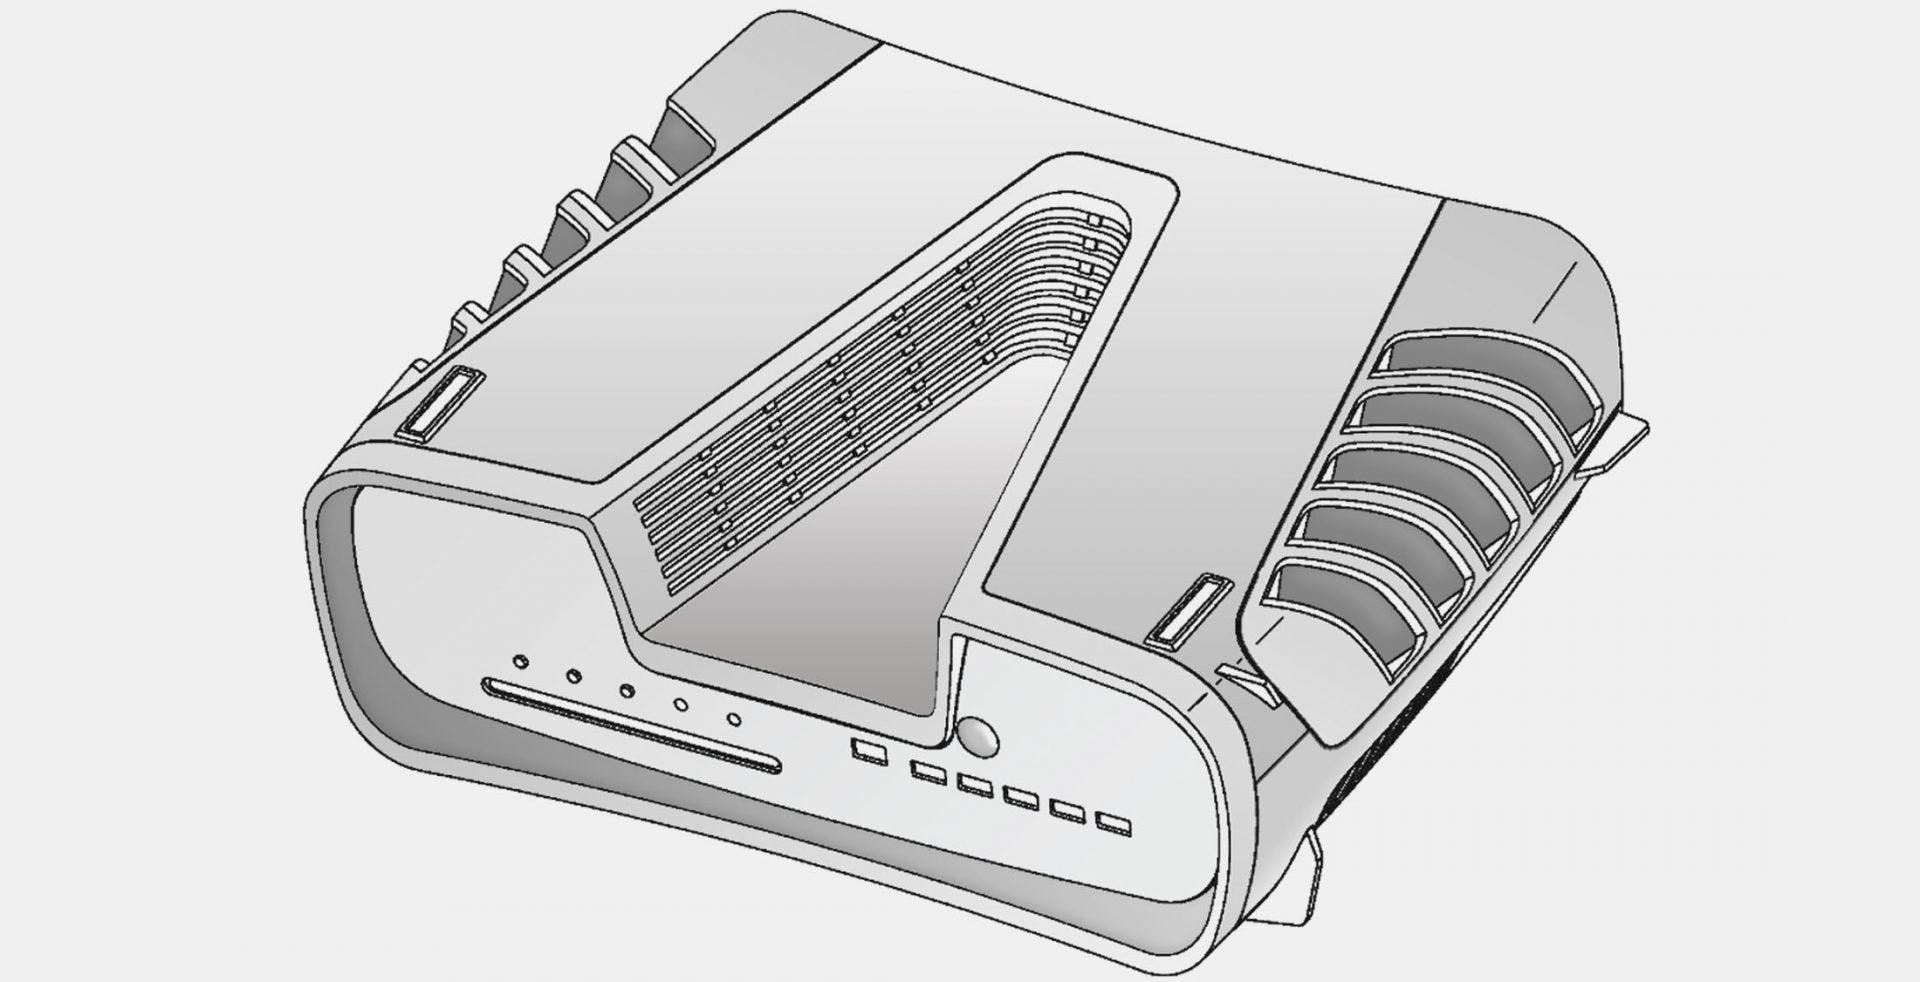 PS5 Prospero codename leaks, plus a few other surprises